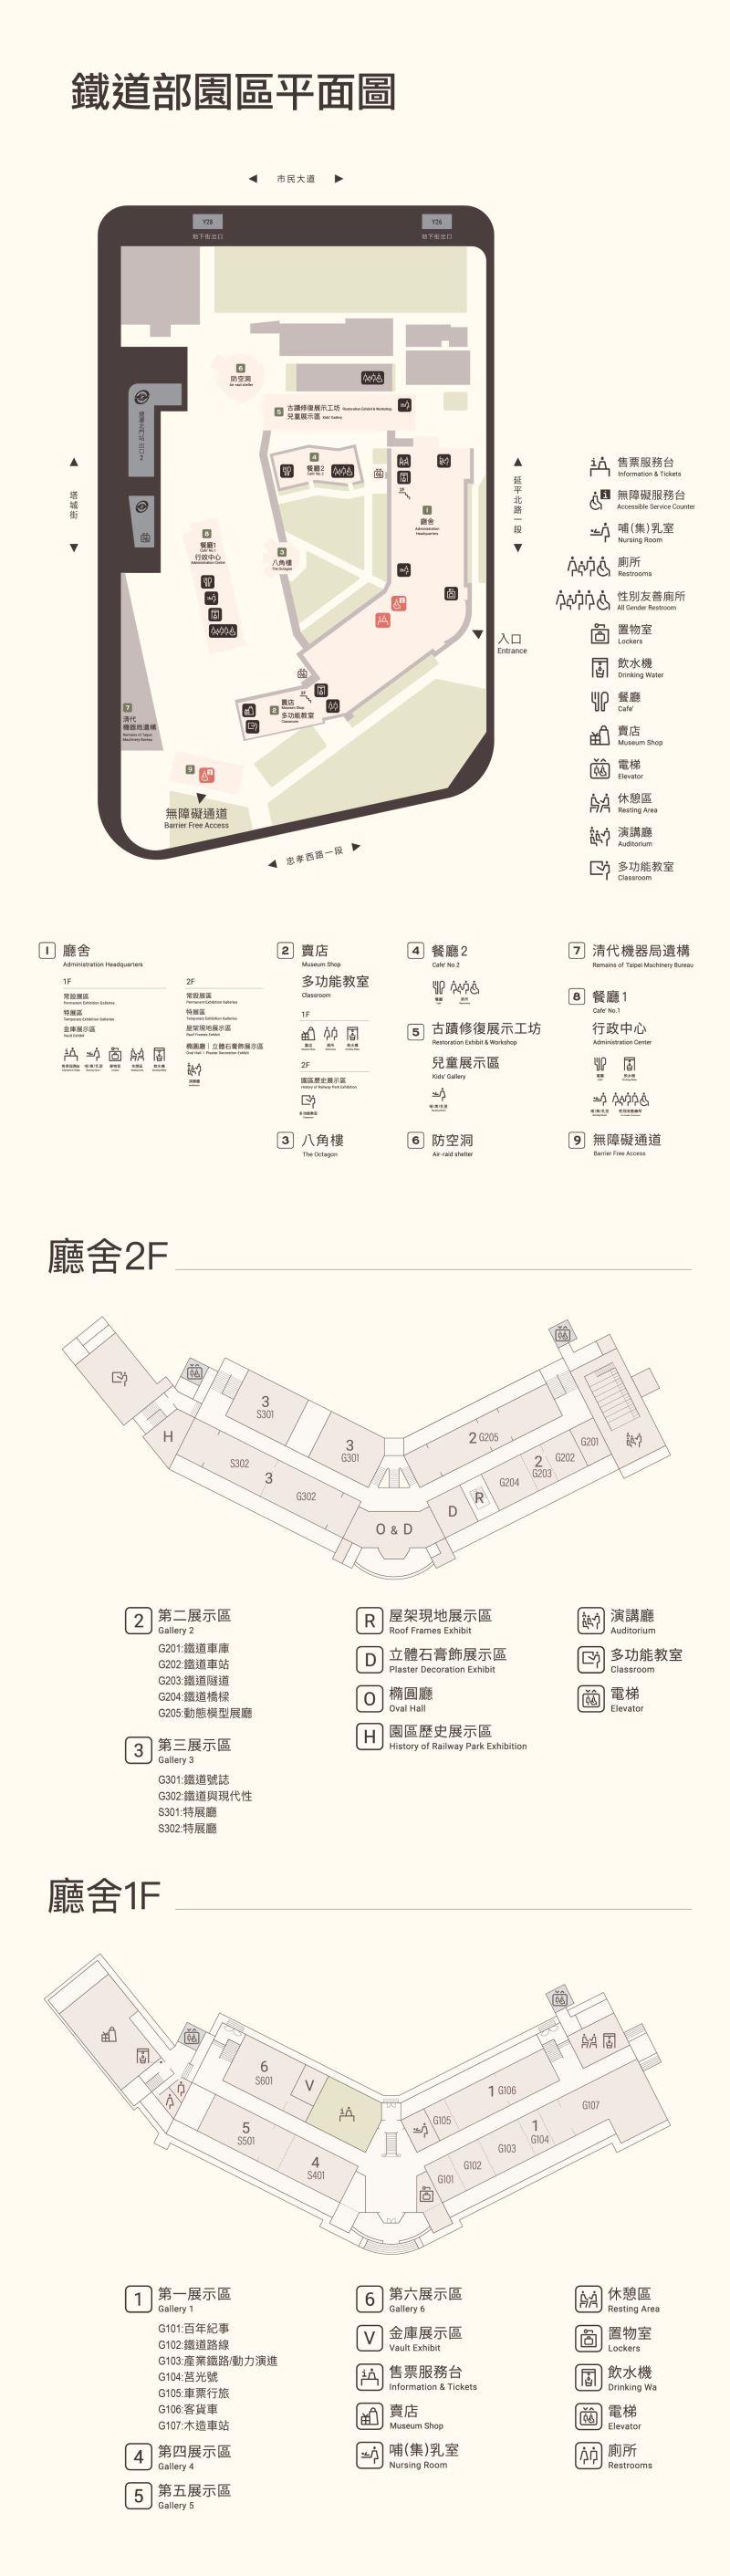 鐵道部園區及樓層平面圖